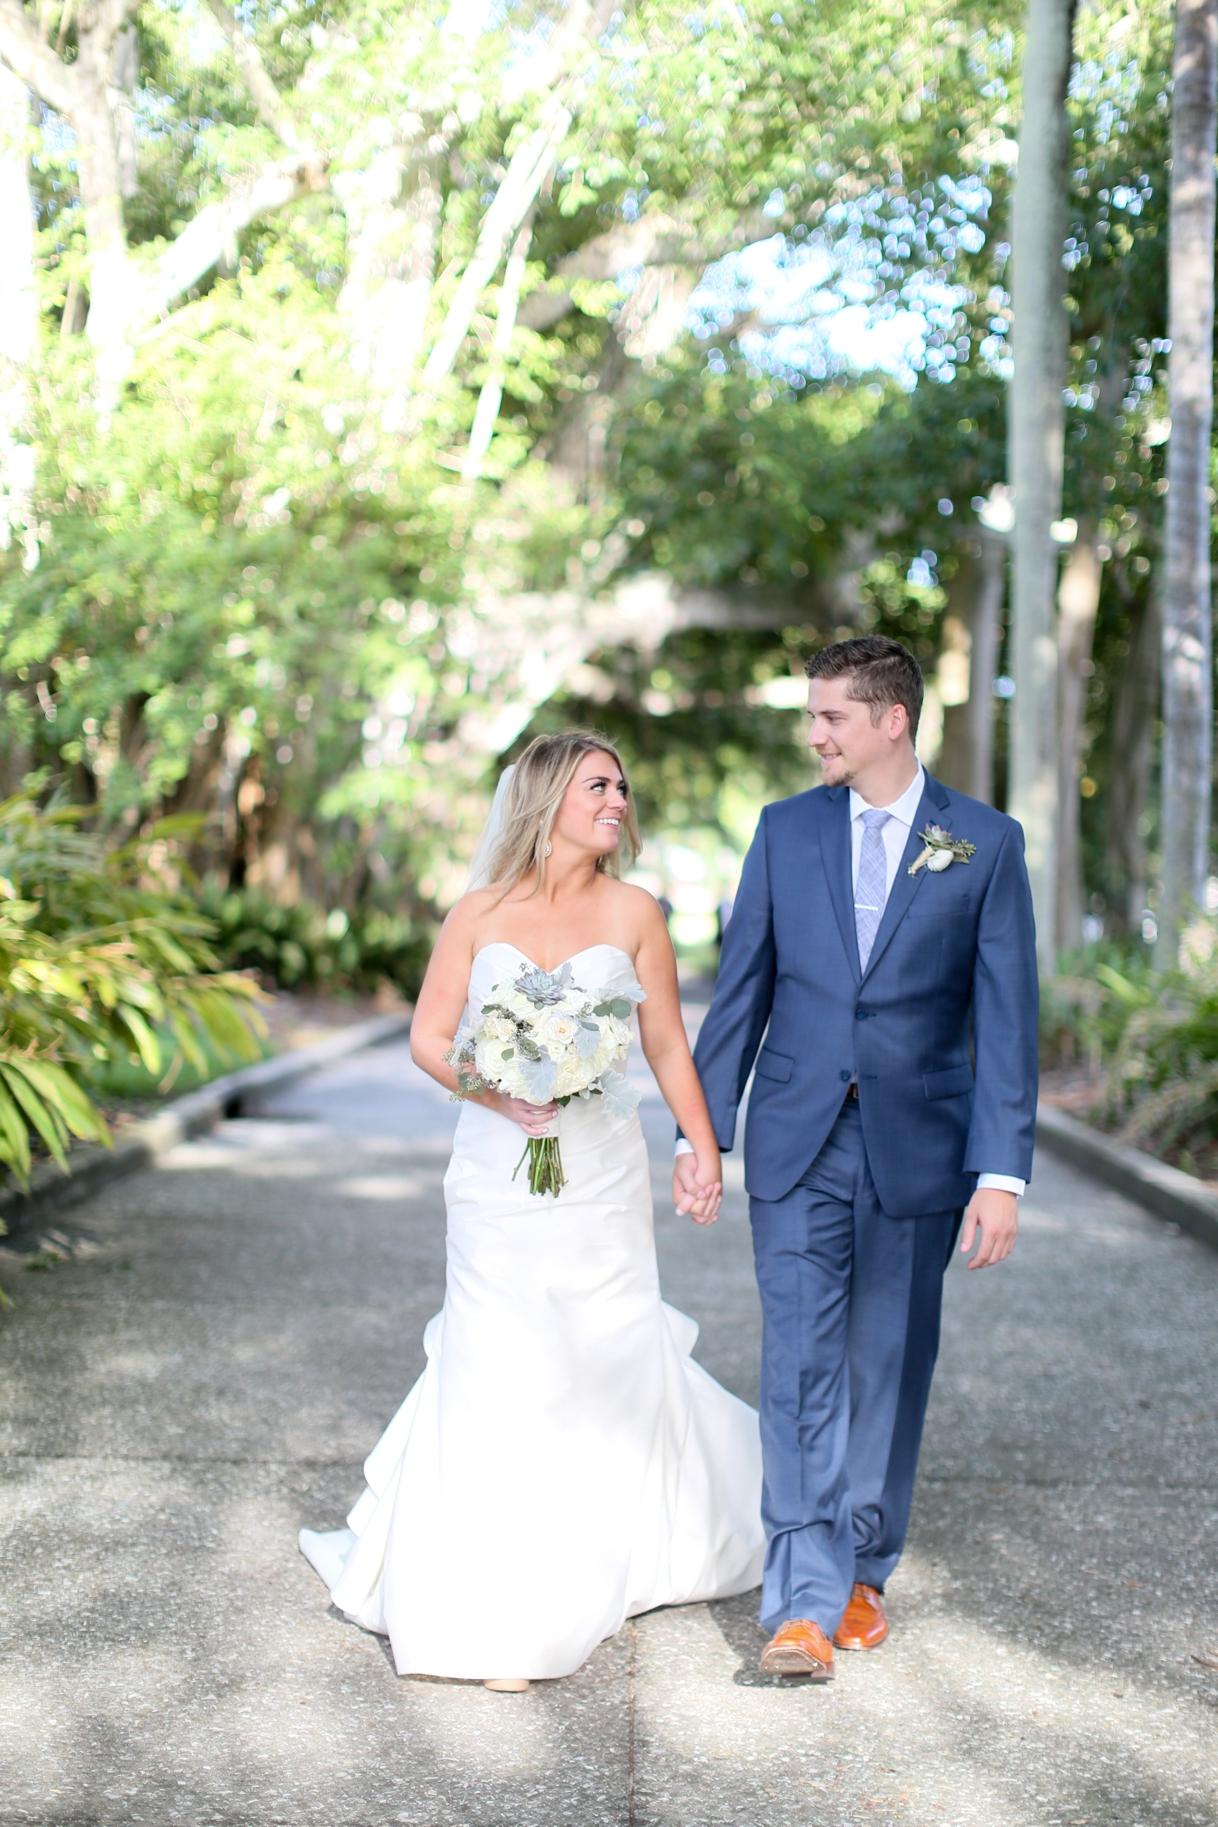 audreysnow-photography-Ringling-ca-dzan-mansion-sarasota-wedding-photographer_4137.jpg